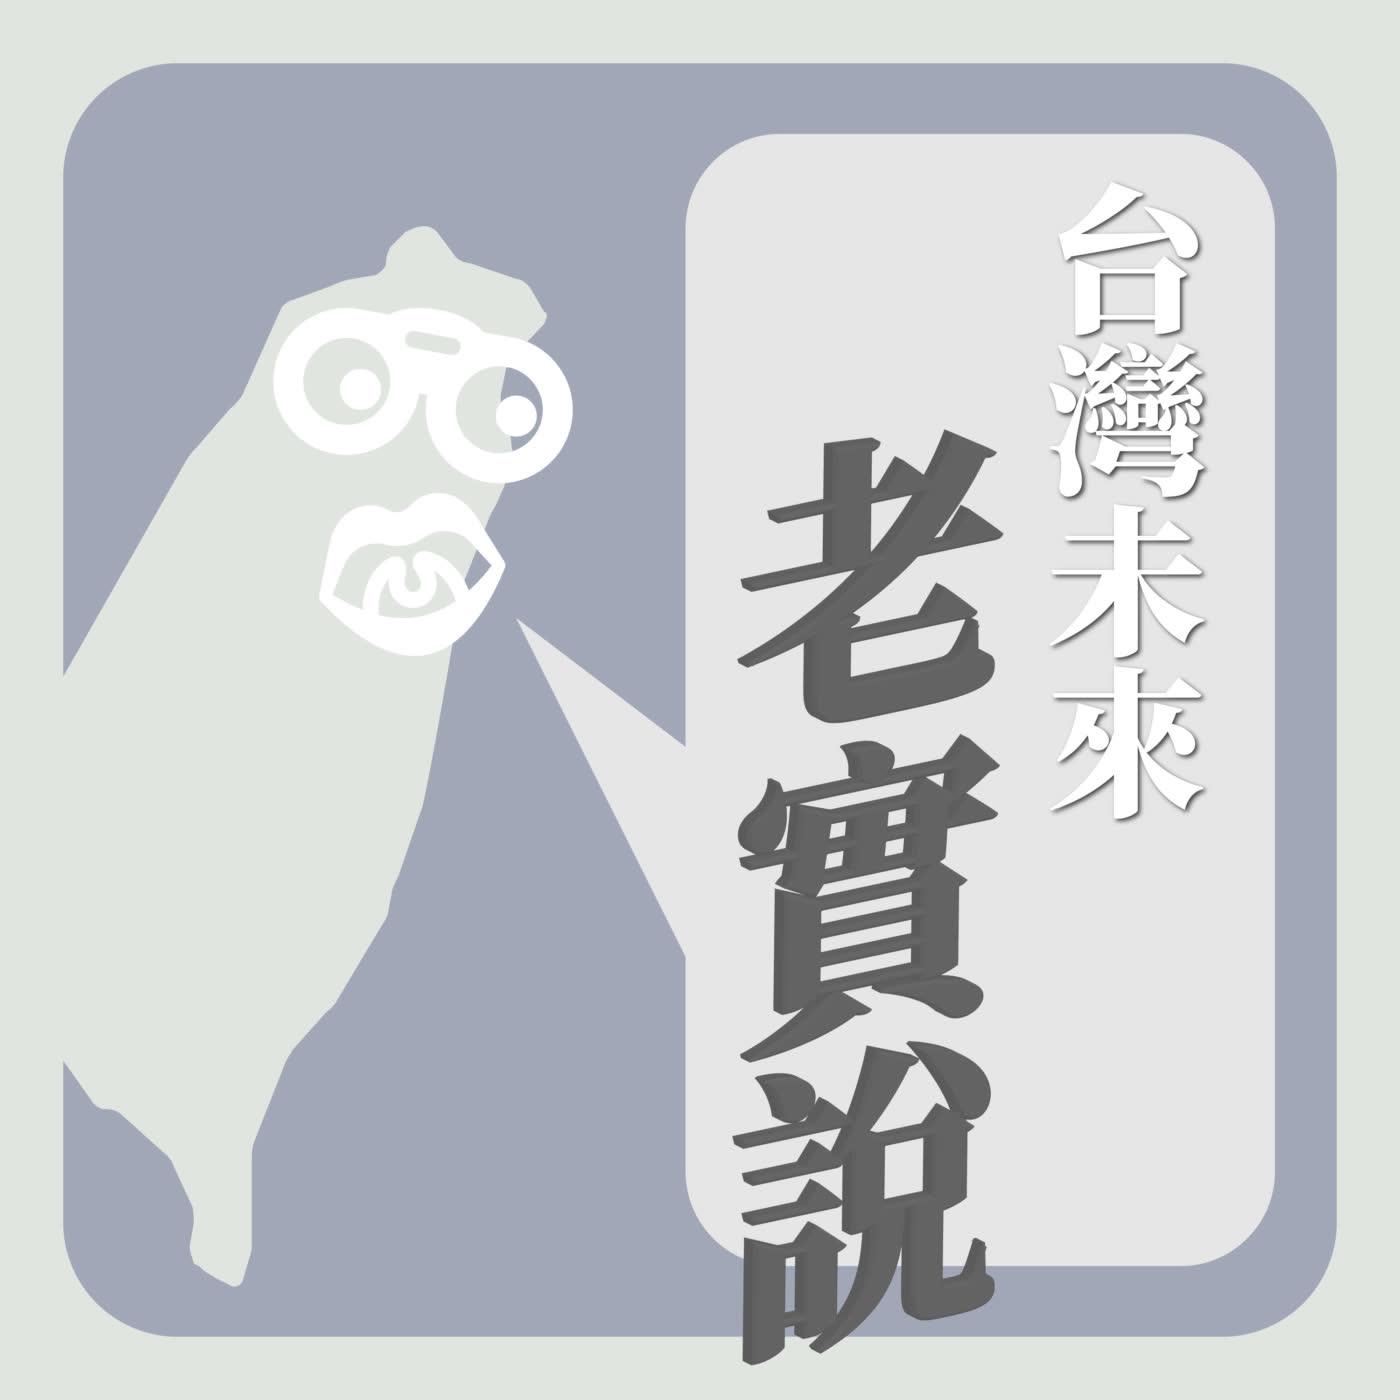 台灣未來老實說